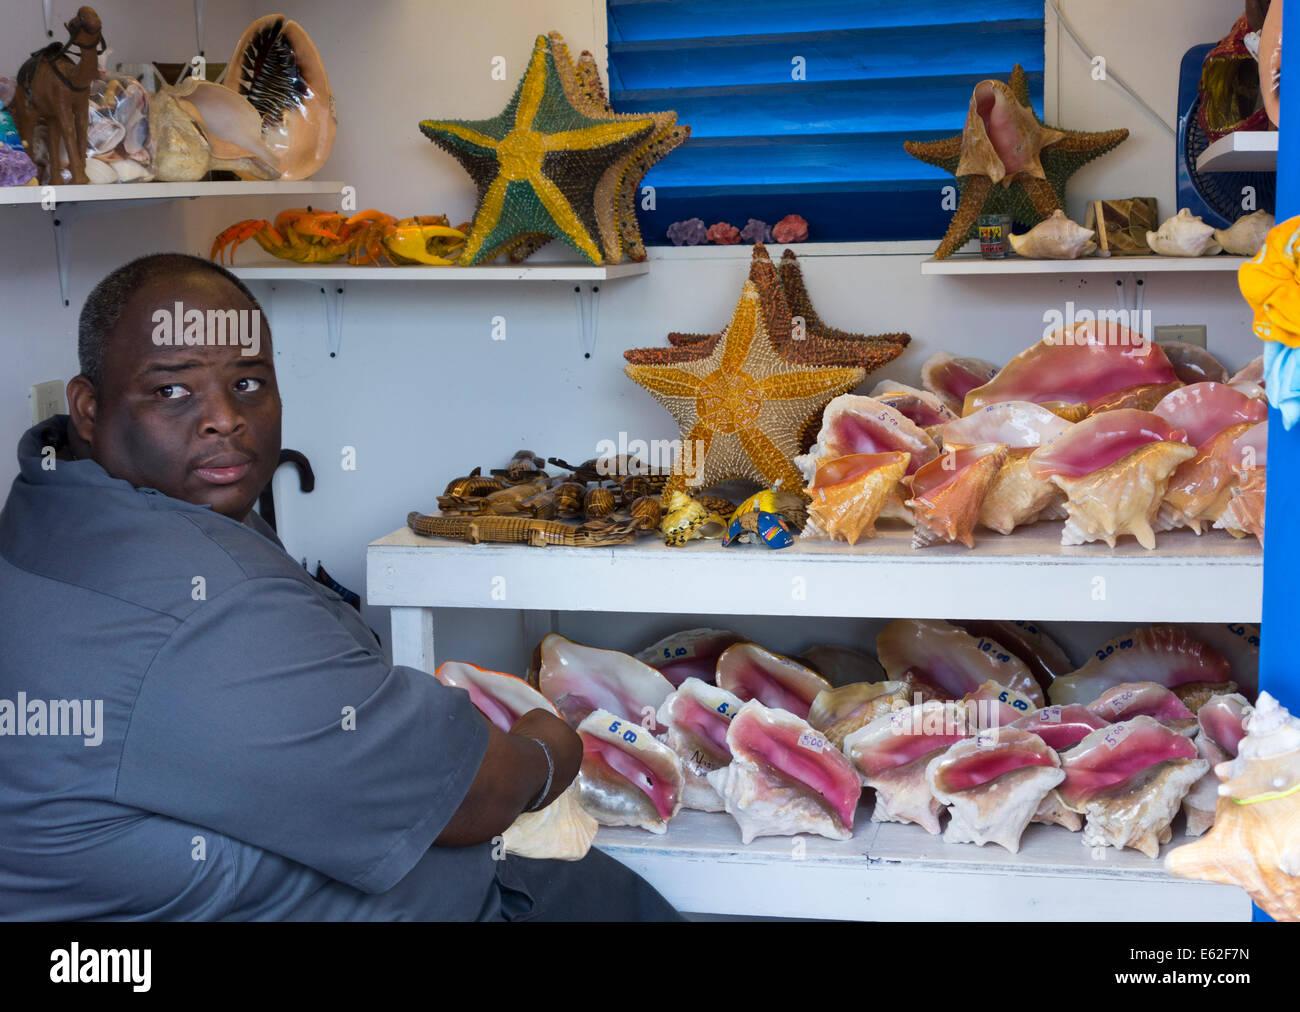 man selling shells to cruise passengers, Nassau, Providence Island, The Bahamas - Stock Image